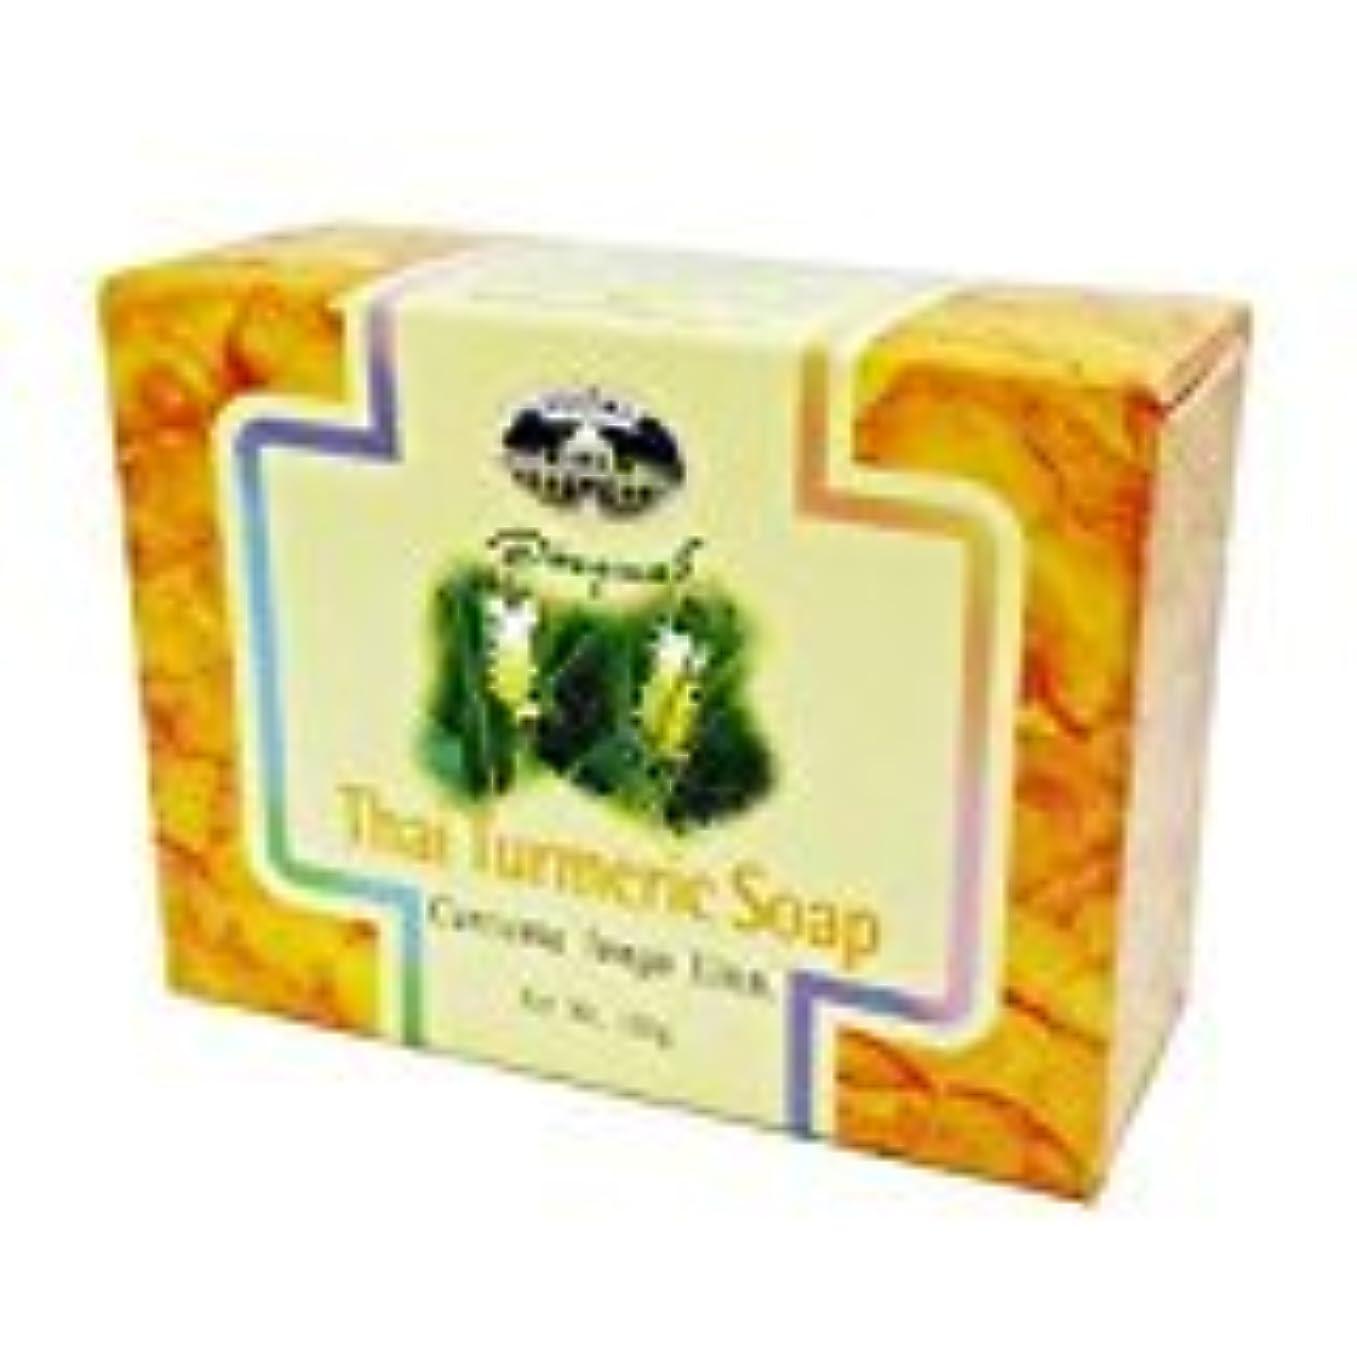 不良品オーストラリア人お酢ウコン石けん abhaibhubejhr Turmeric soap 100g